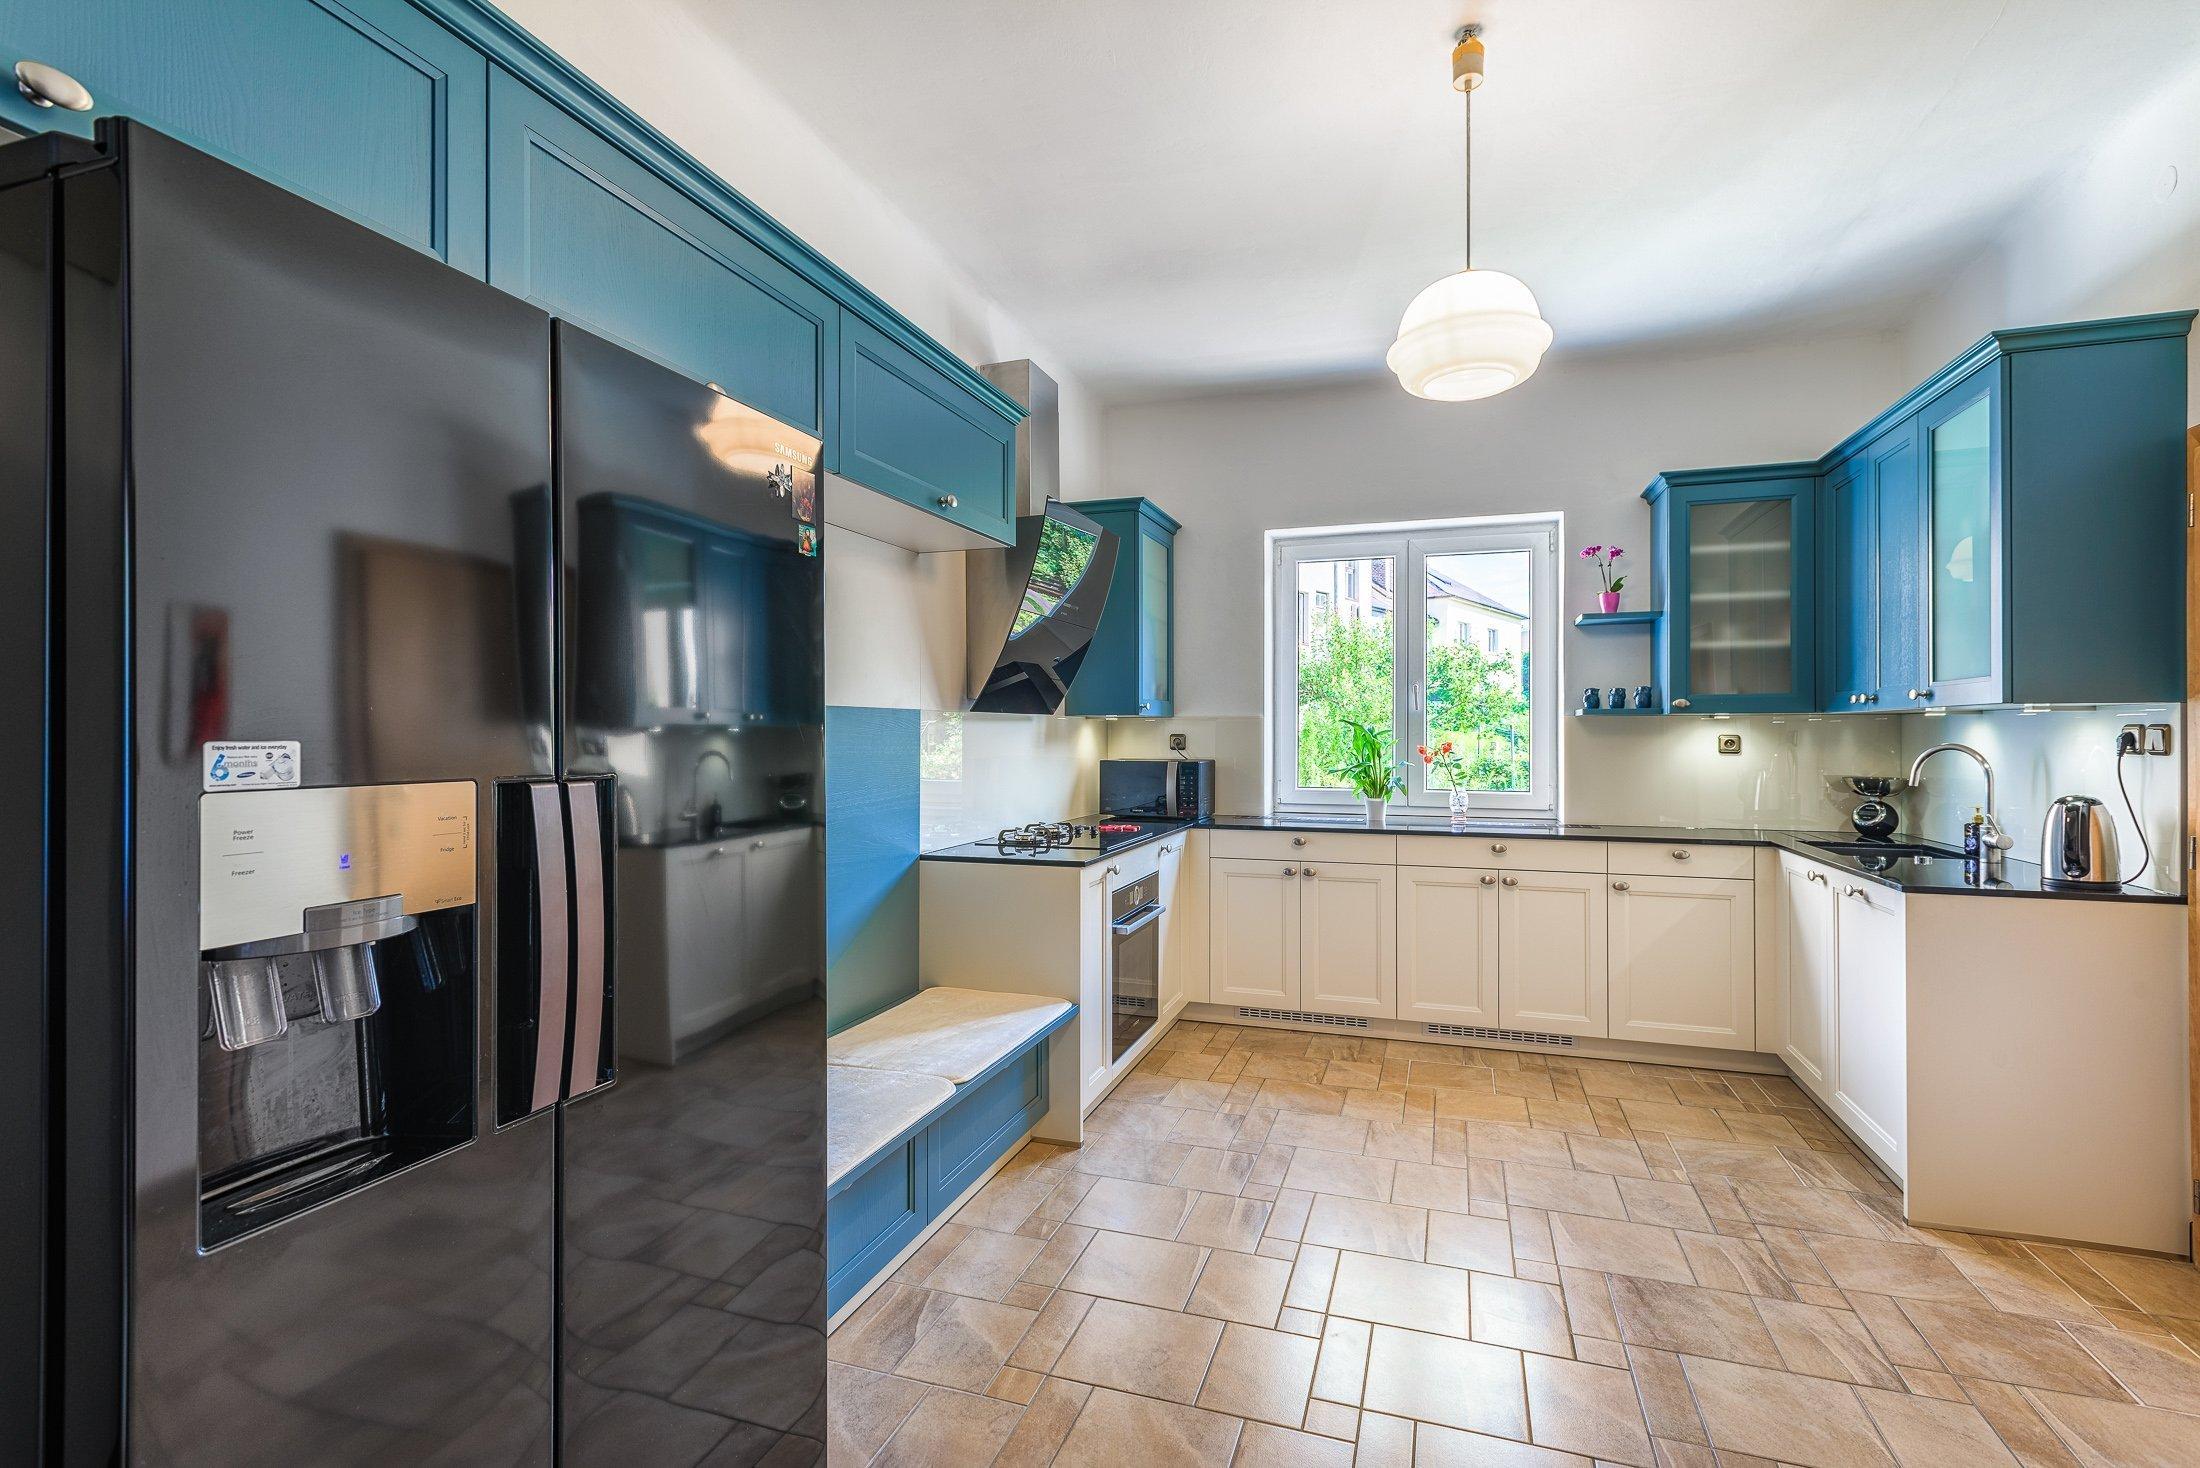 Realizace lehce rustikální přesto moderní kuchyně v soukromém interiéru v Plzni. Zajímavá kombinace barev. Realizace pracovní desky z umělého kamene.